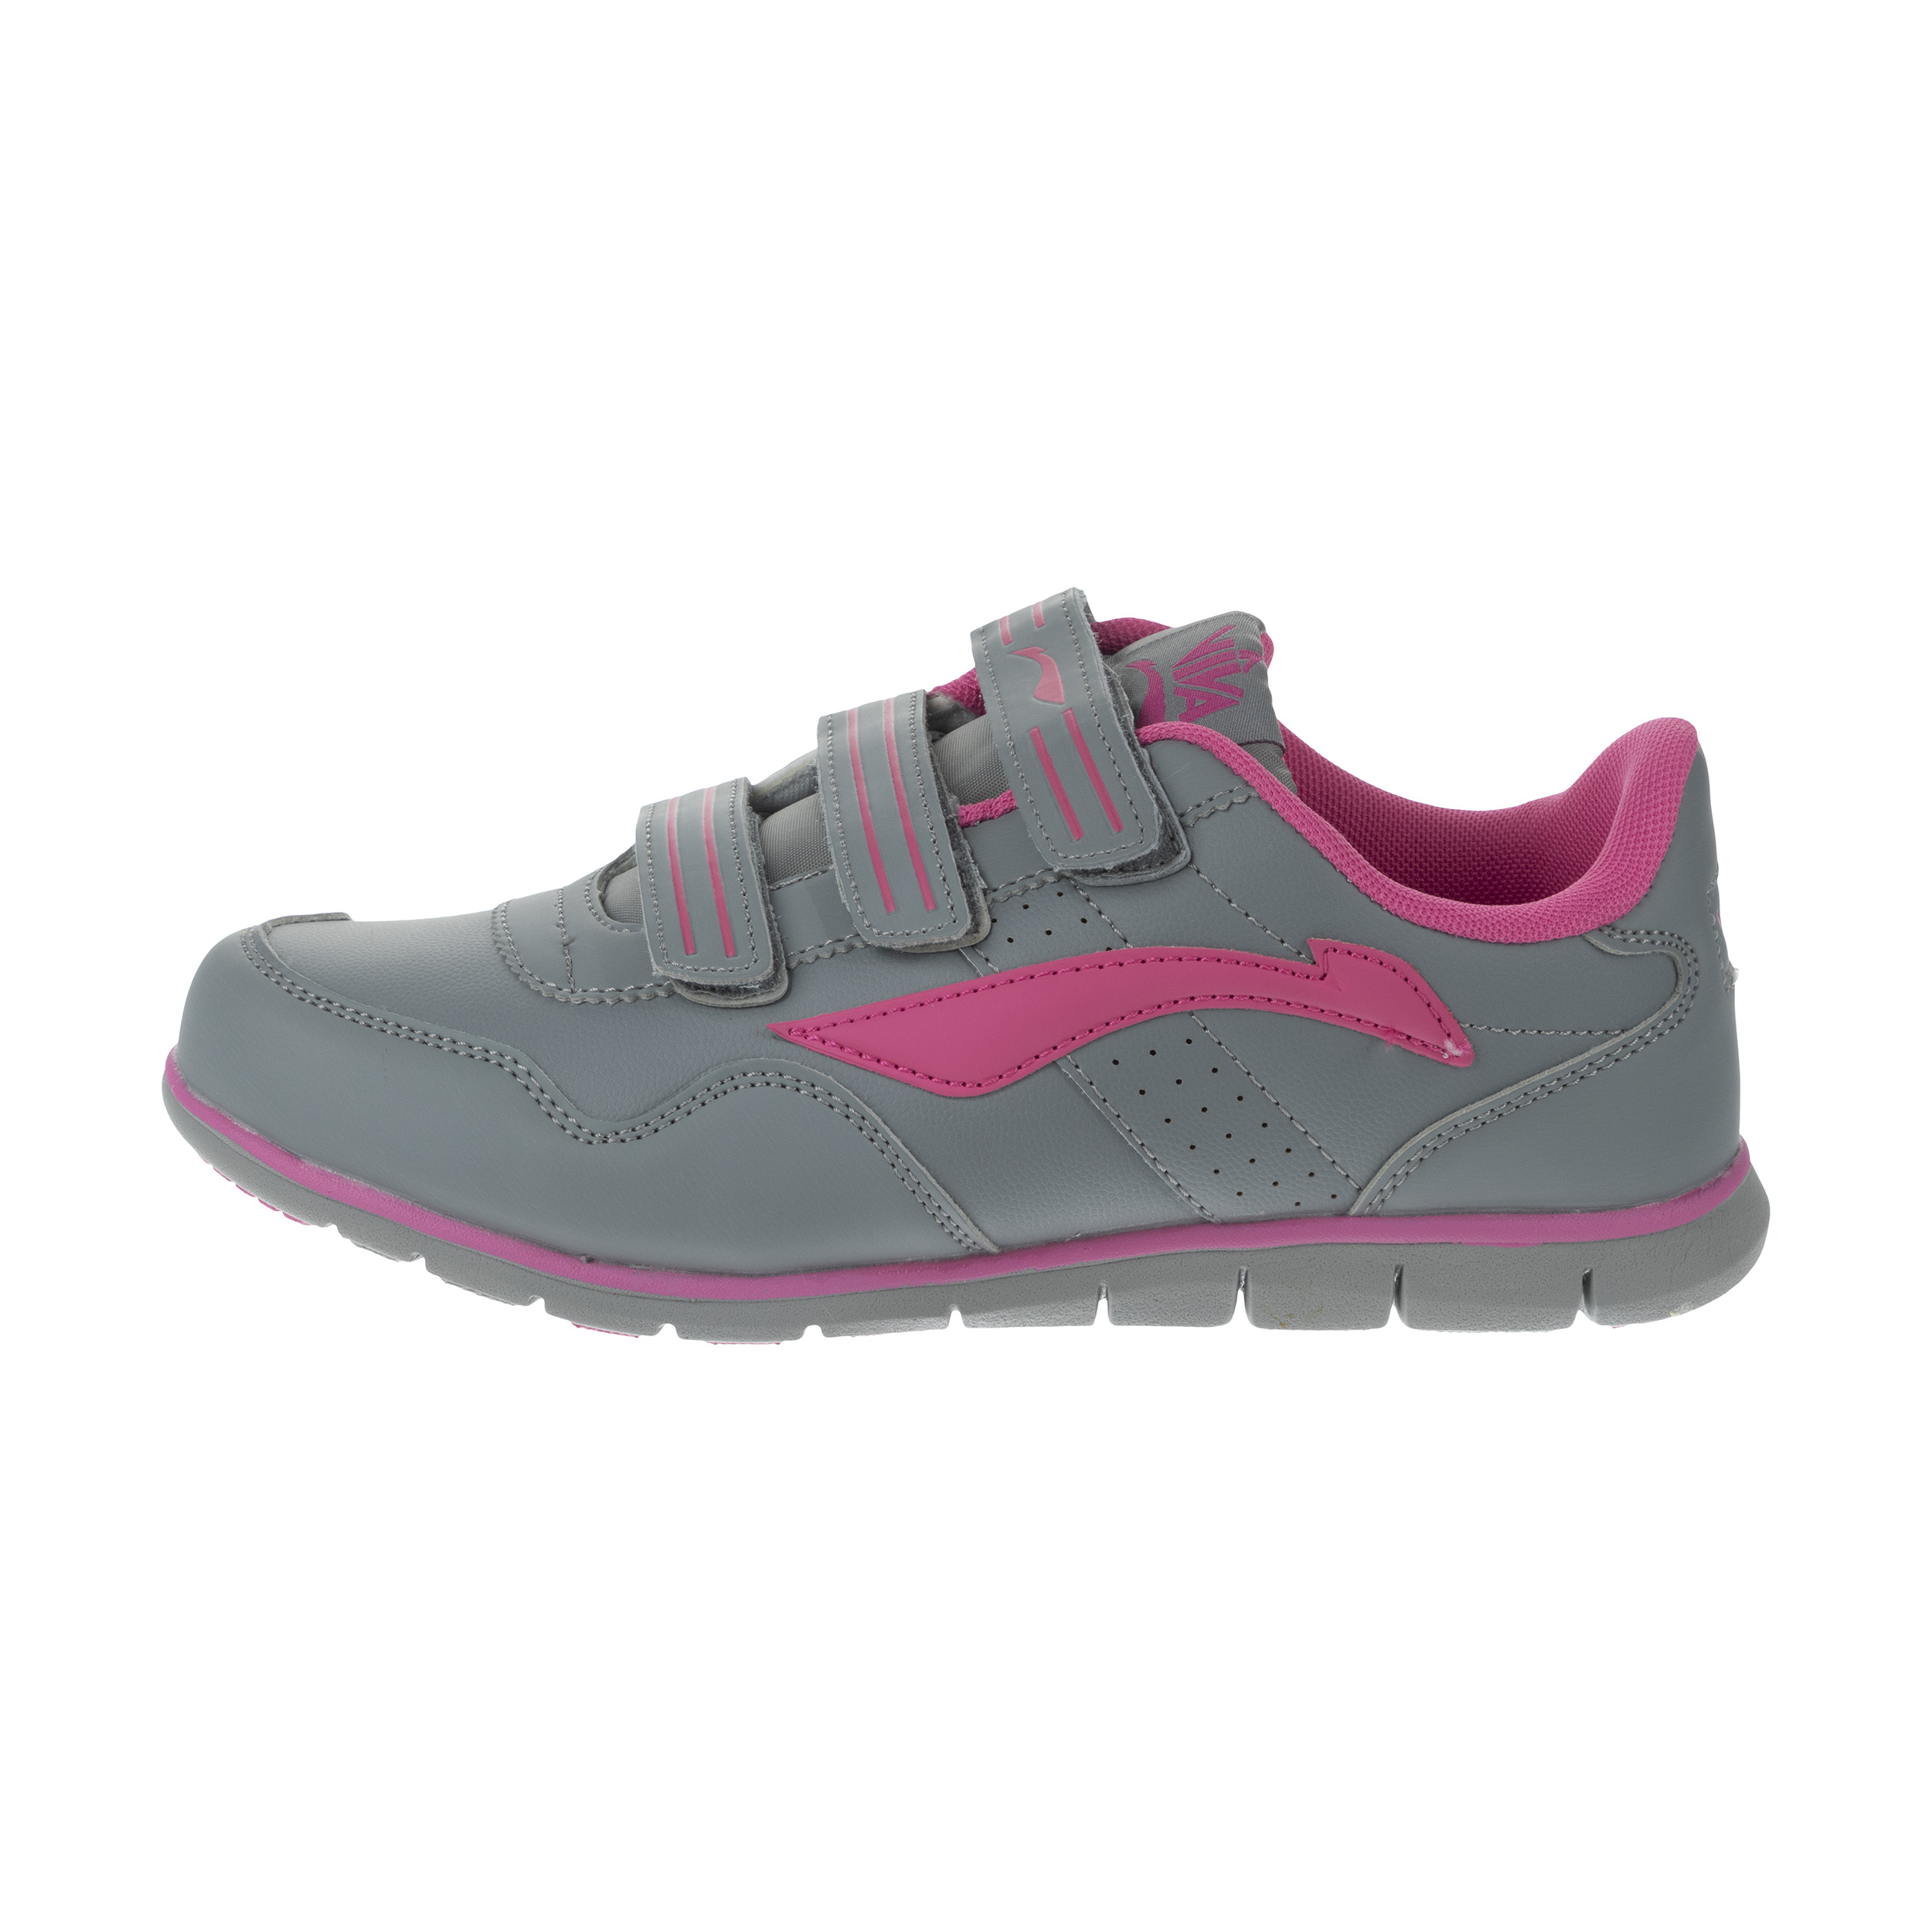 کفش مخصوص پیاده روی زنانه ویوا کد TS3658